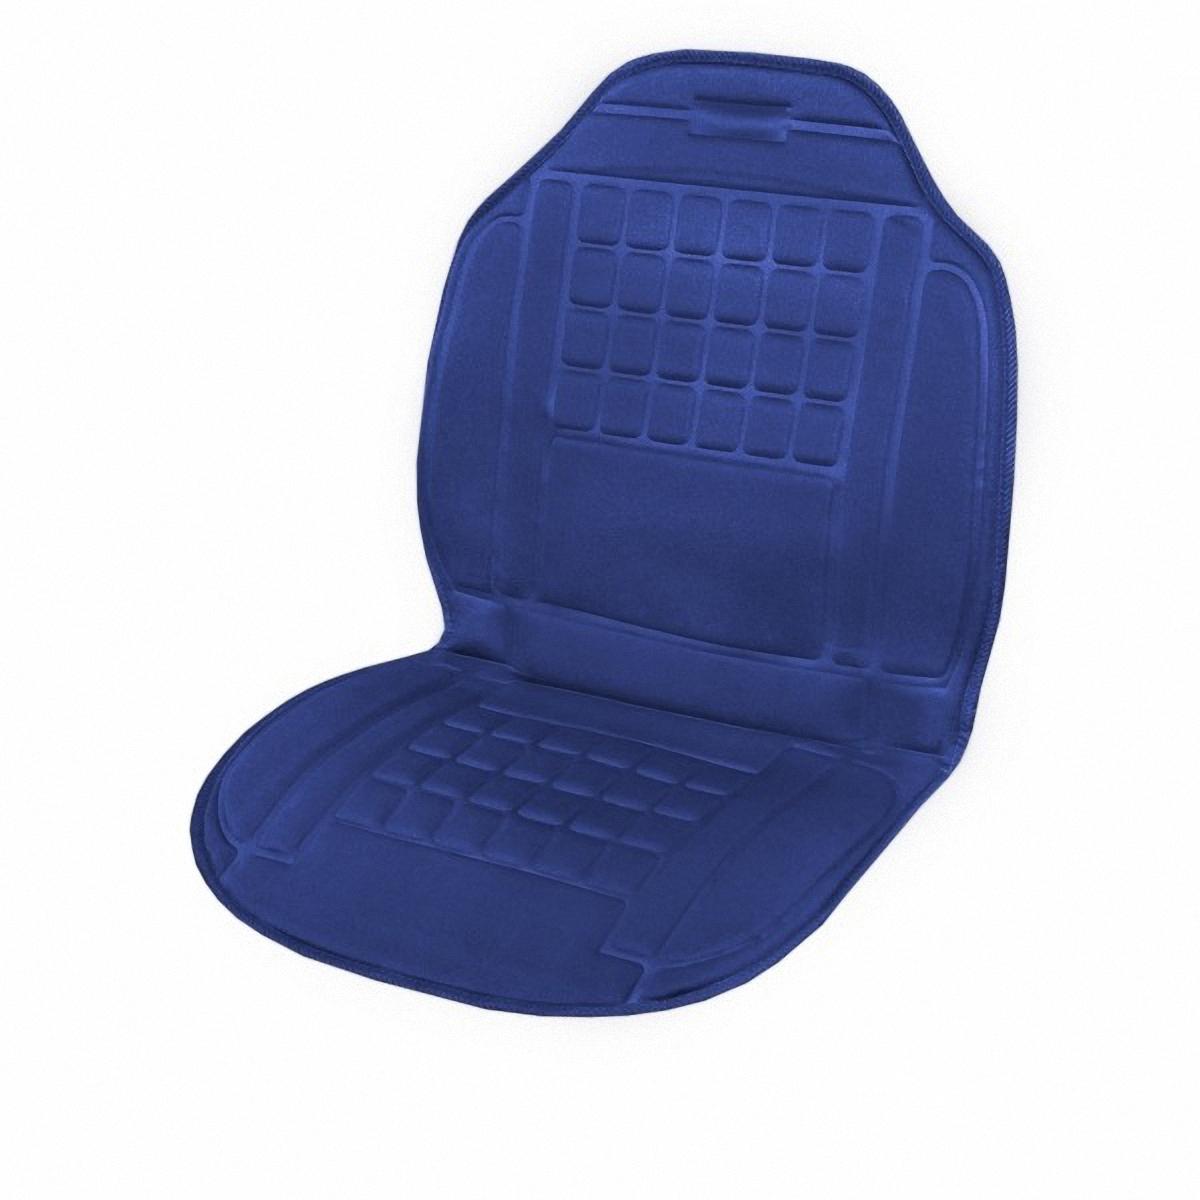 Подогрев для сиденья Skyway, со спинкой, 98 х 52 смSC-FD421005Подогрев сидения Skyway - сезонный товар и большой популярностью пользуется в осенне-зимний период. Skyway предлагает наружные подогревы сидений, изготовленные в виде накидки на автомобильное кресло. Преимущество наружных подогревов в простоте установки. Они крепятся ремнями к креслу автомобиля и подключаются к бортовой сети через гнездо прикуривателя.